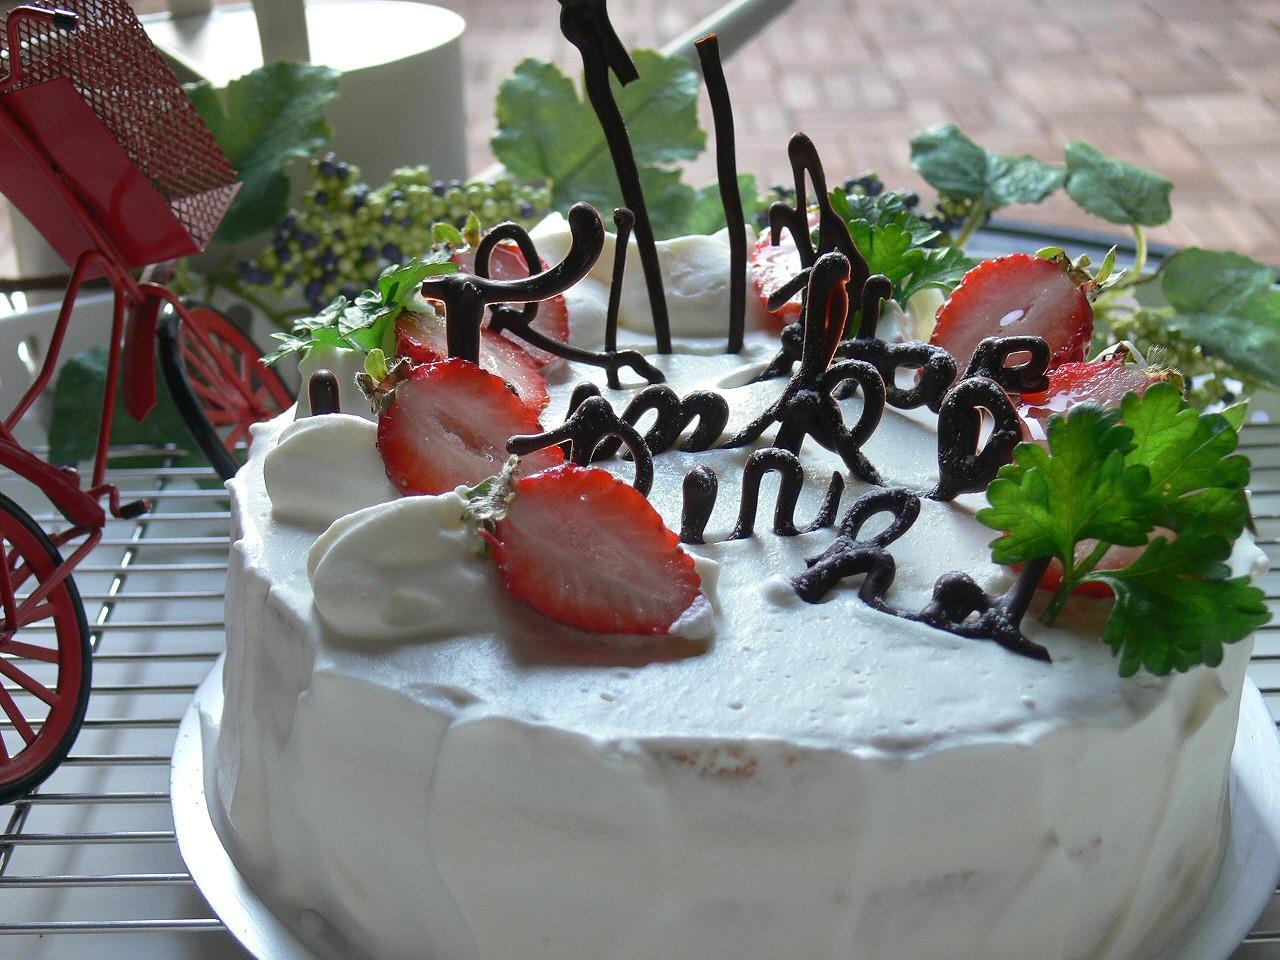 やっぱり定番、いちごショートケーキ!_a0183571_8364062.jpg